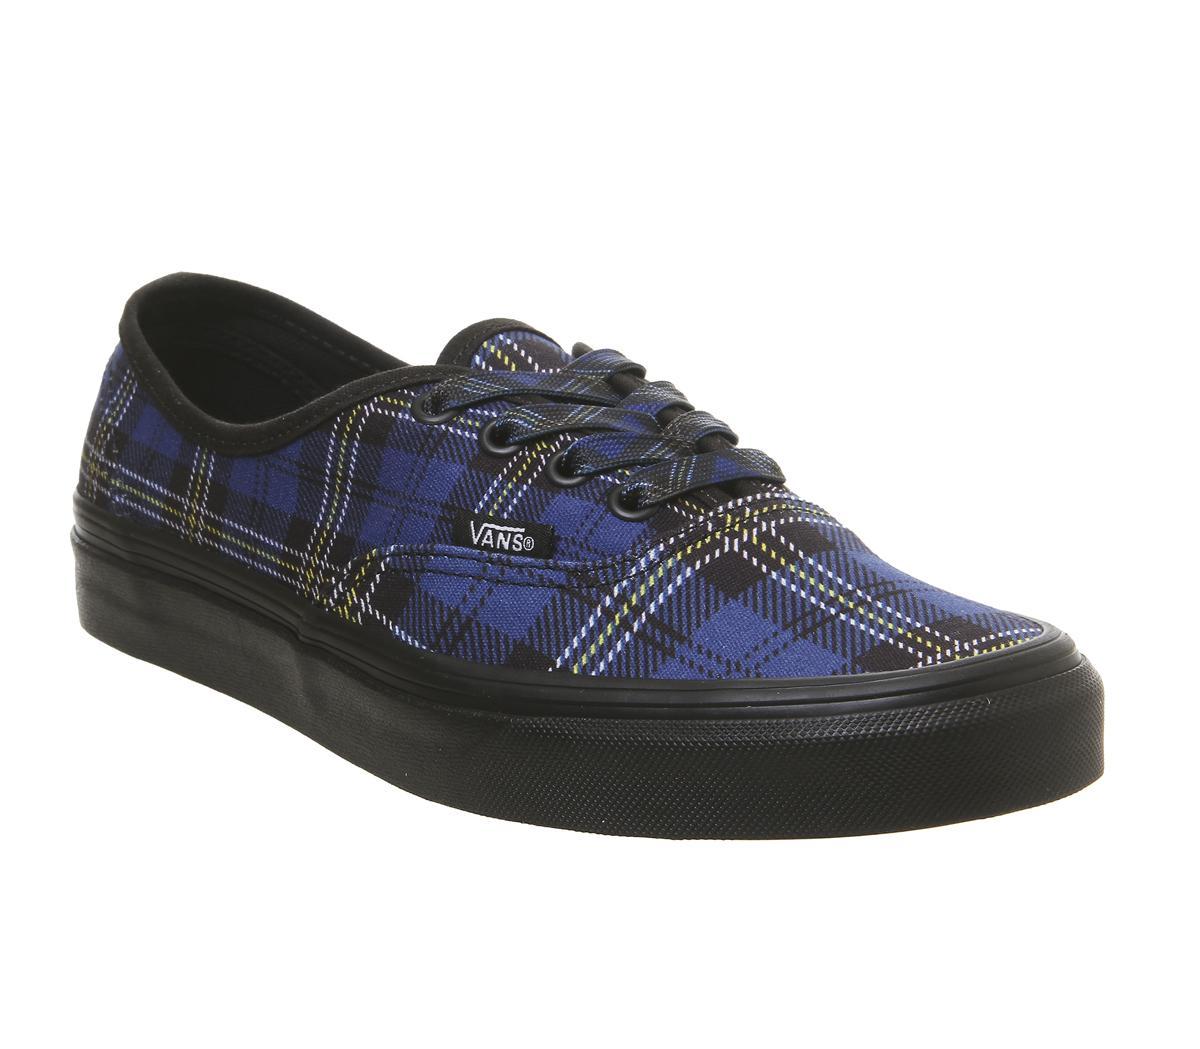 Vans Authentic Trainers True Blue Black